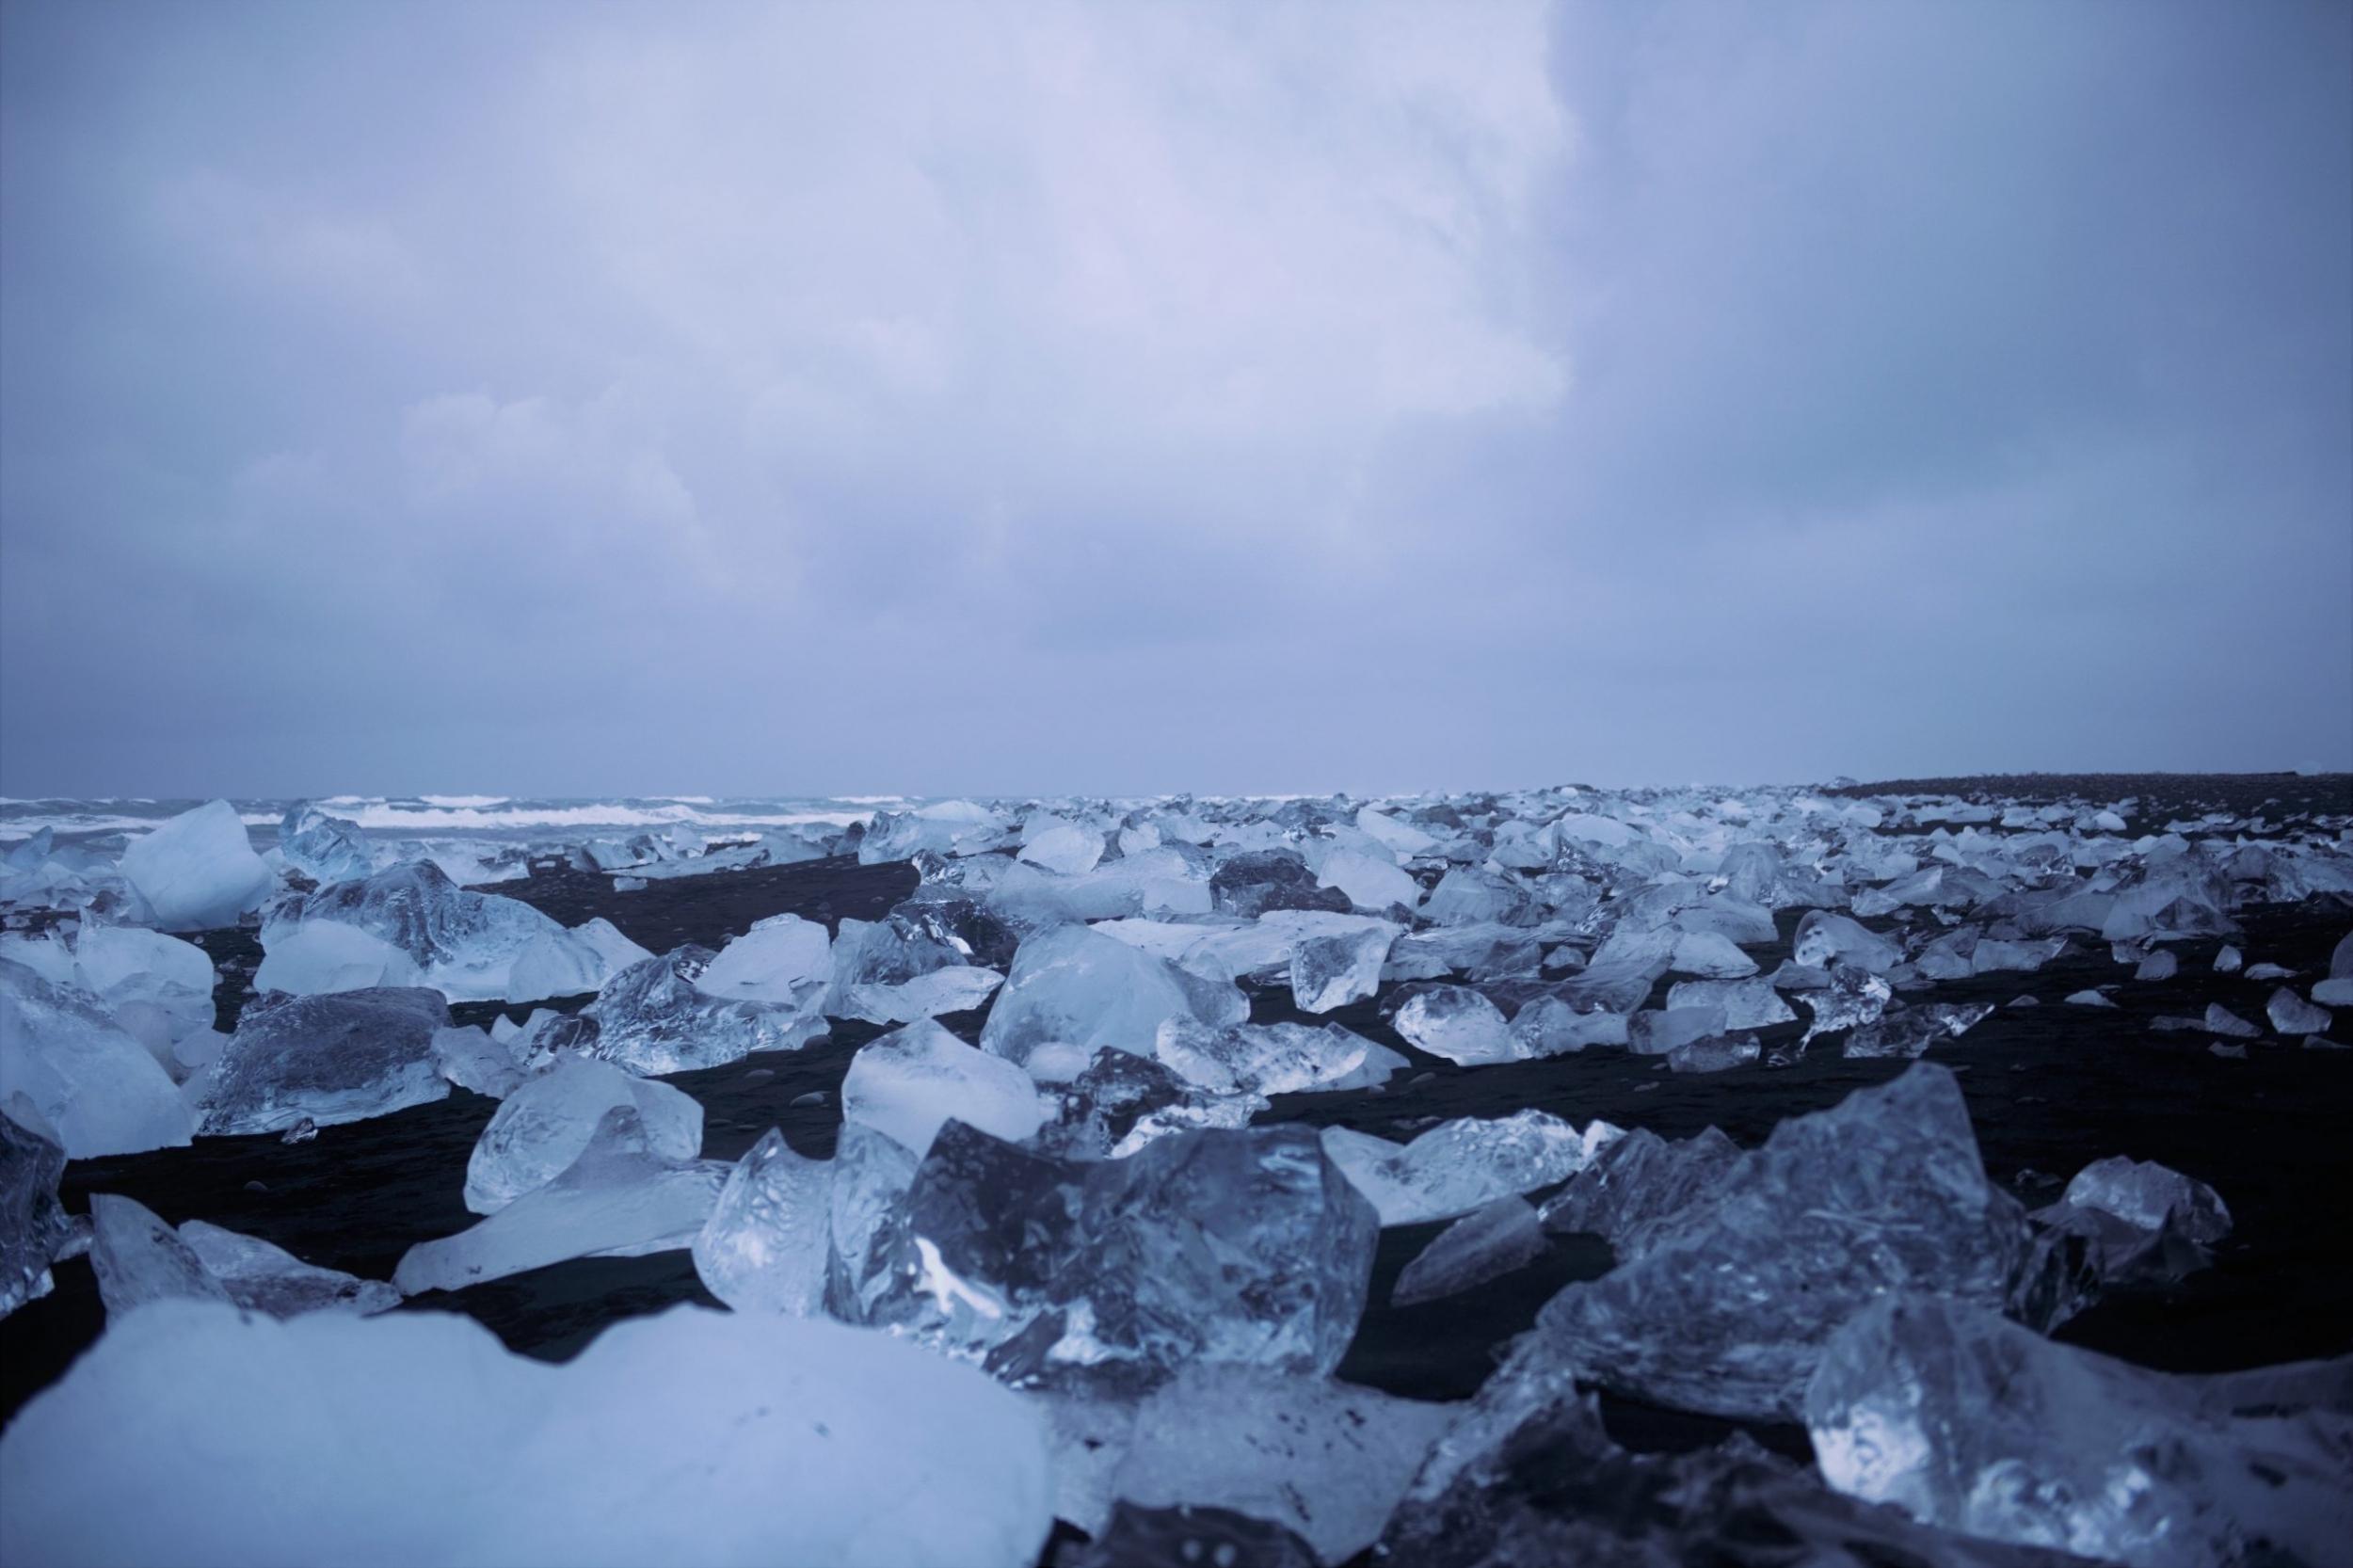 Jökulsarlon Eisstücke am offenen Atlantik